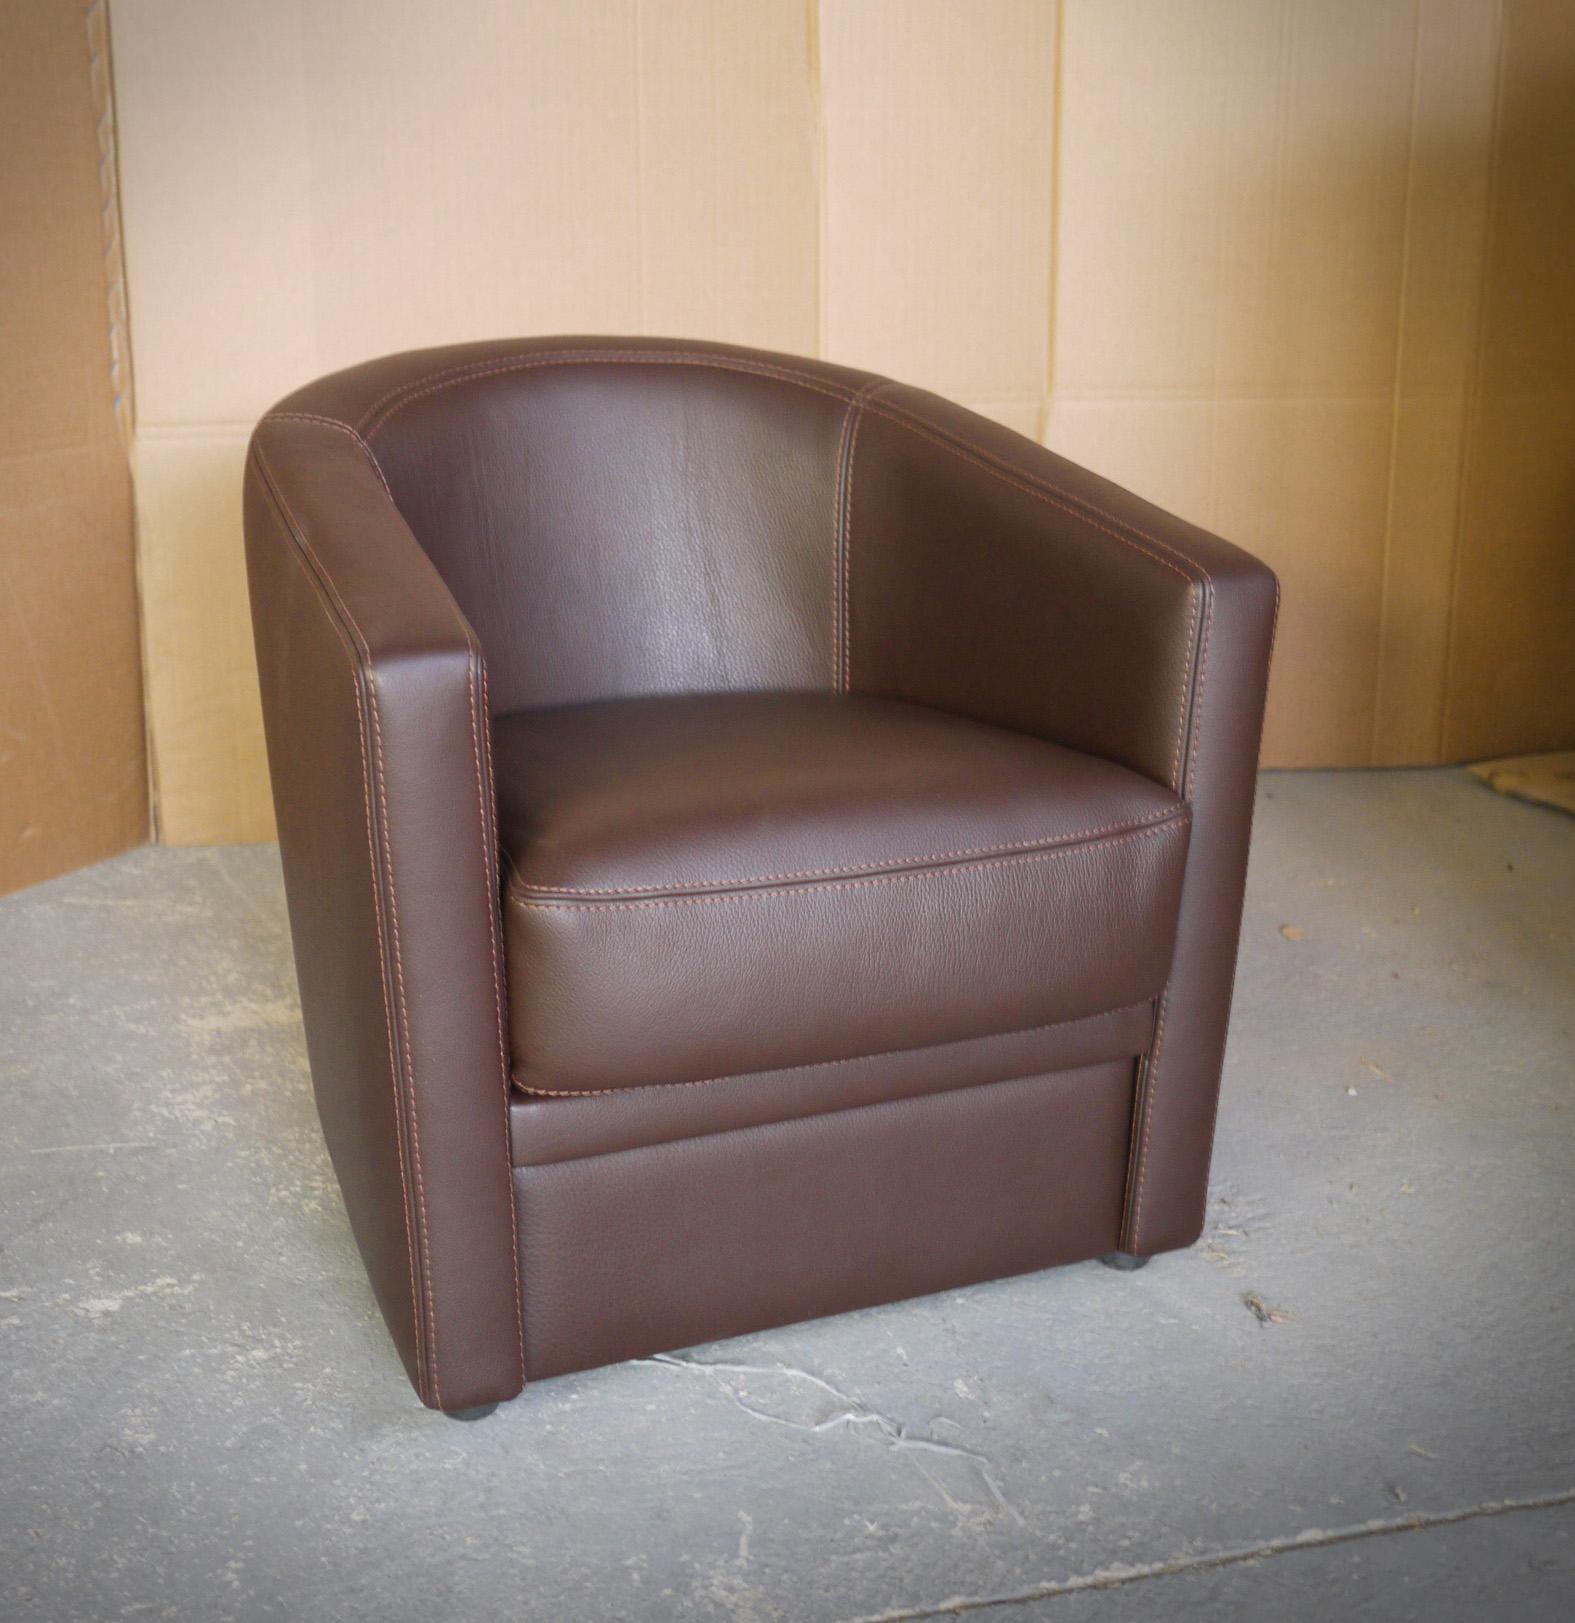 la maison jandri swann fabricant de canap s et fauteuils. Black Bedroom Furniture Sets. Home Design Ideas